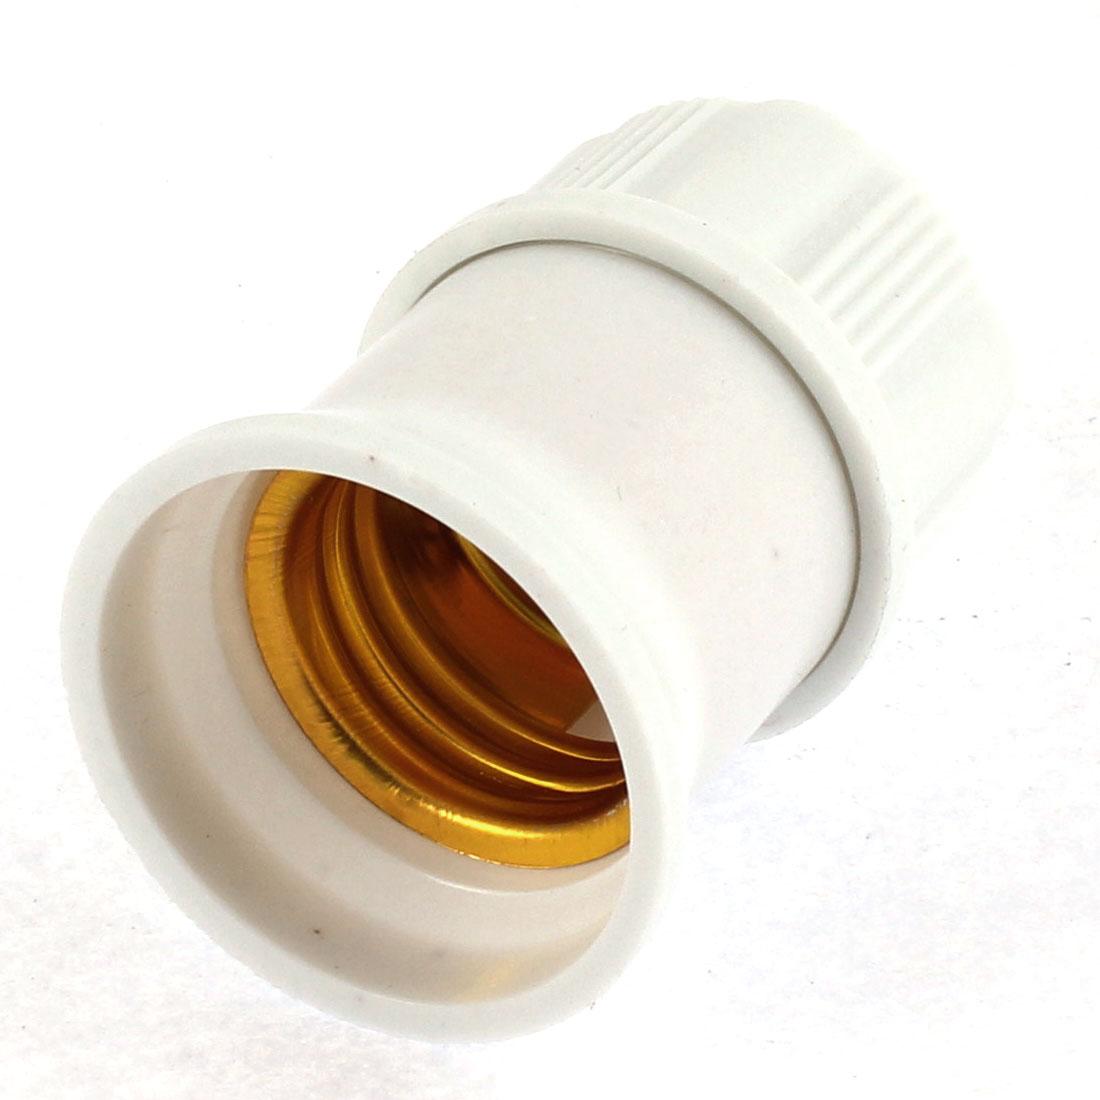 AC 250V 6A E27 Screw Socket Pendant Ceiling Light Lamp Bulb Holder White